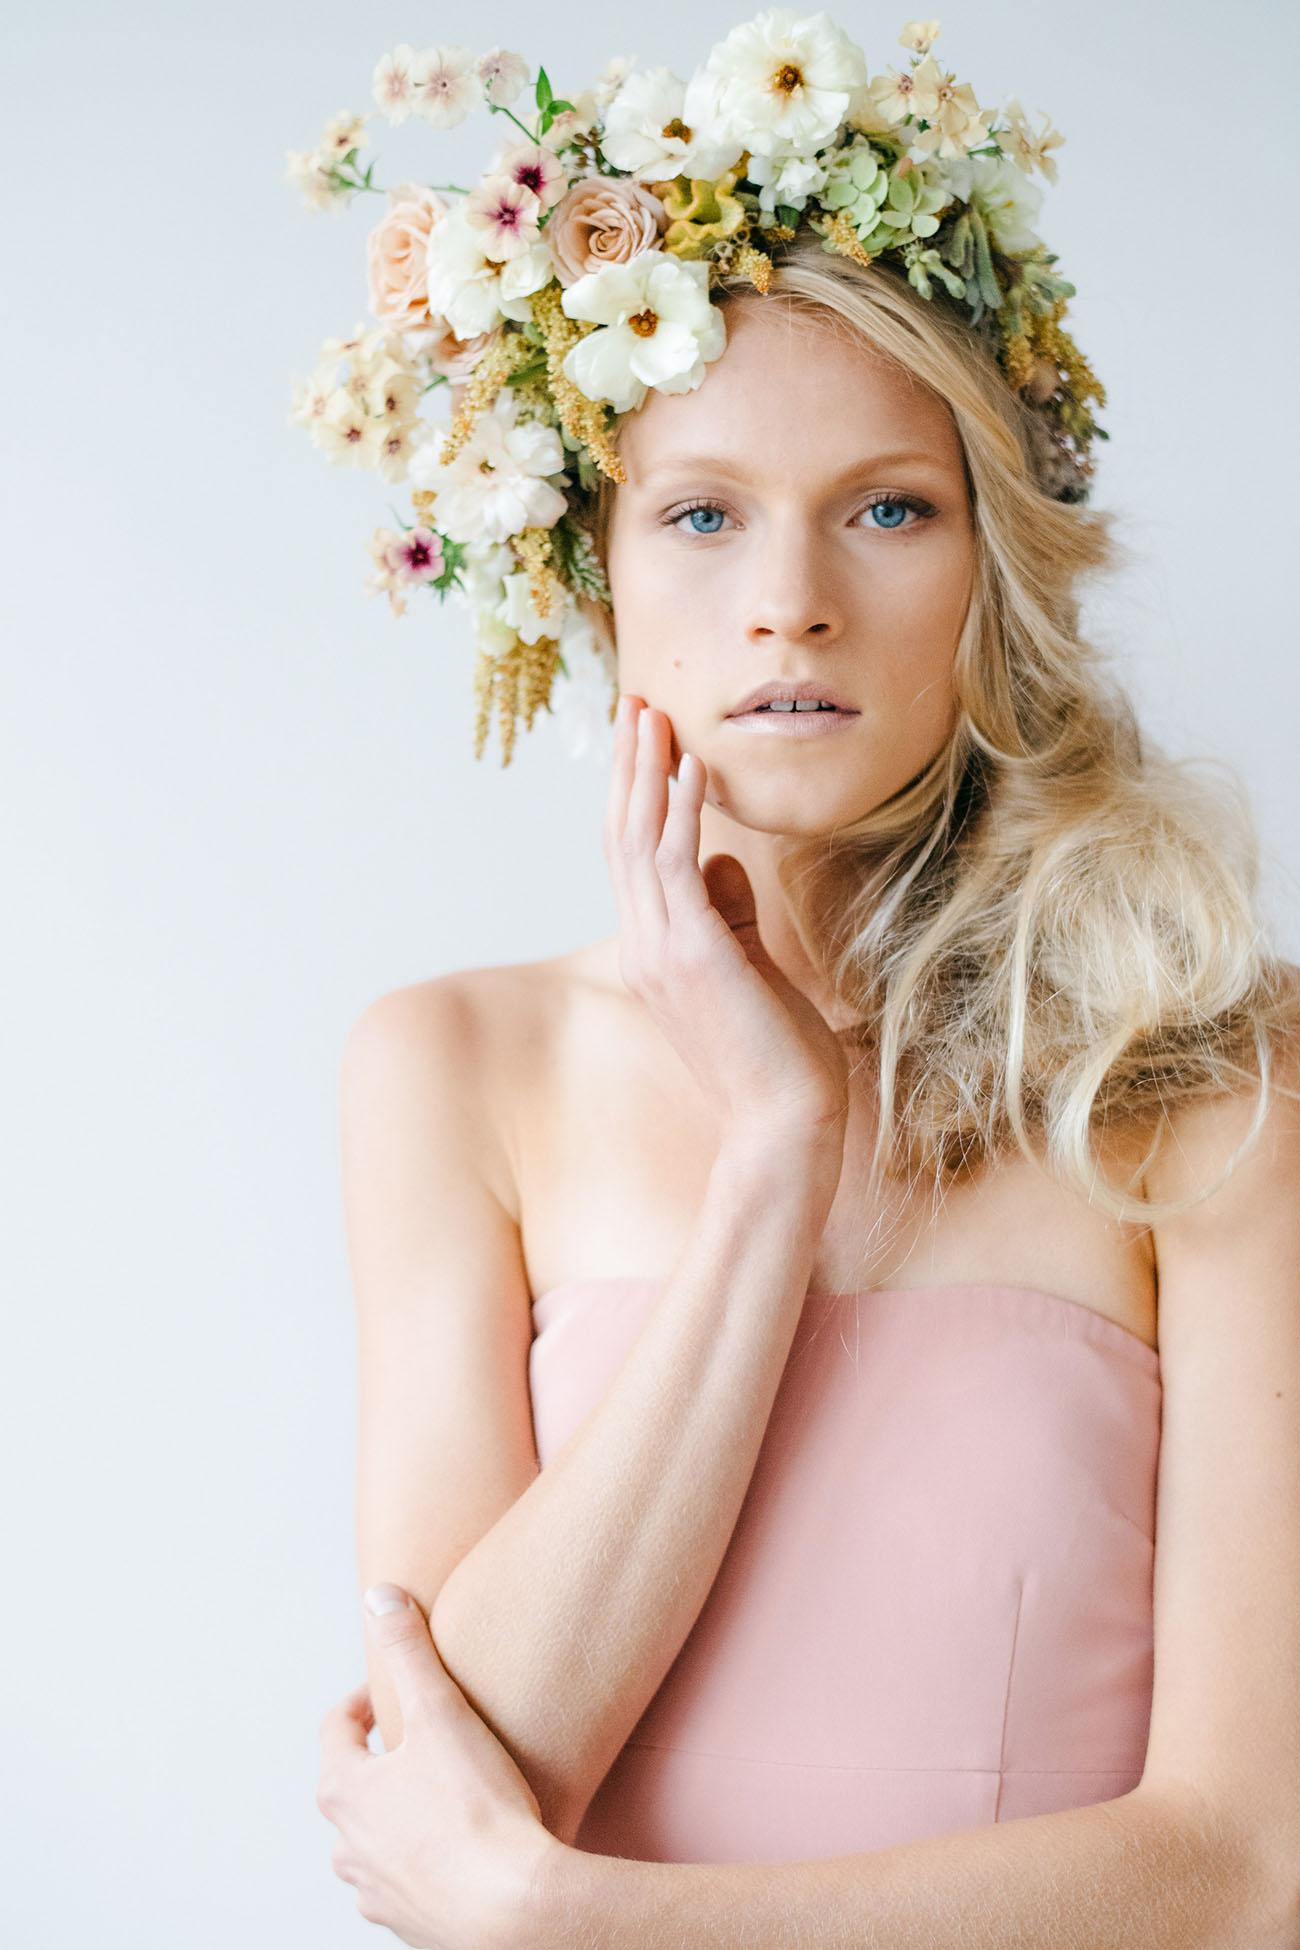 flower crown, bridal crown, flowers in hair, Wedding Hairstyles with Flowers